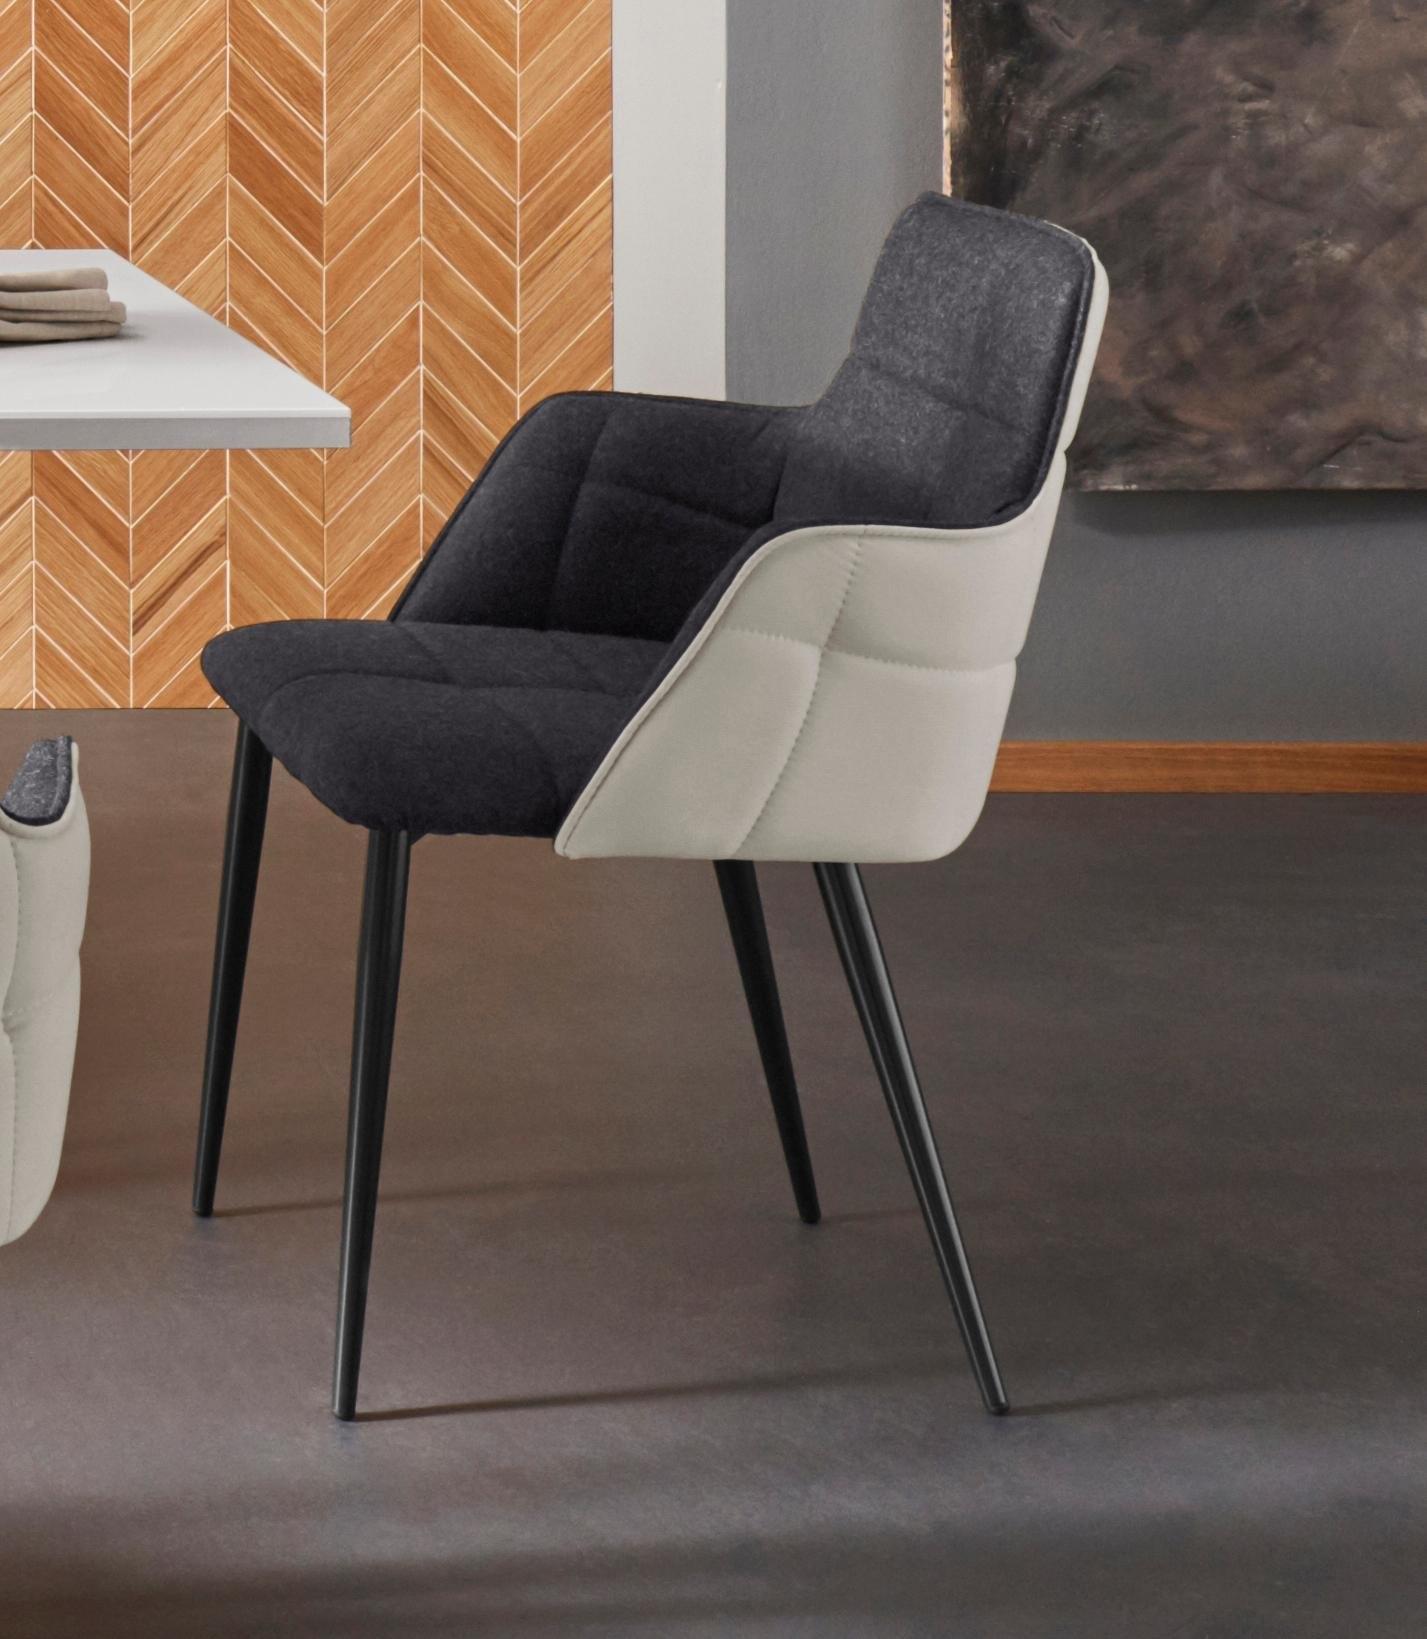 Places of Style eetkamerstoel Iris set van 2, met mooie weefstof, zwart metalen frame, zithoogte 45 cm nu online kopen bij OTTO